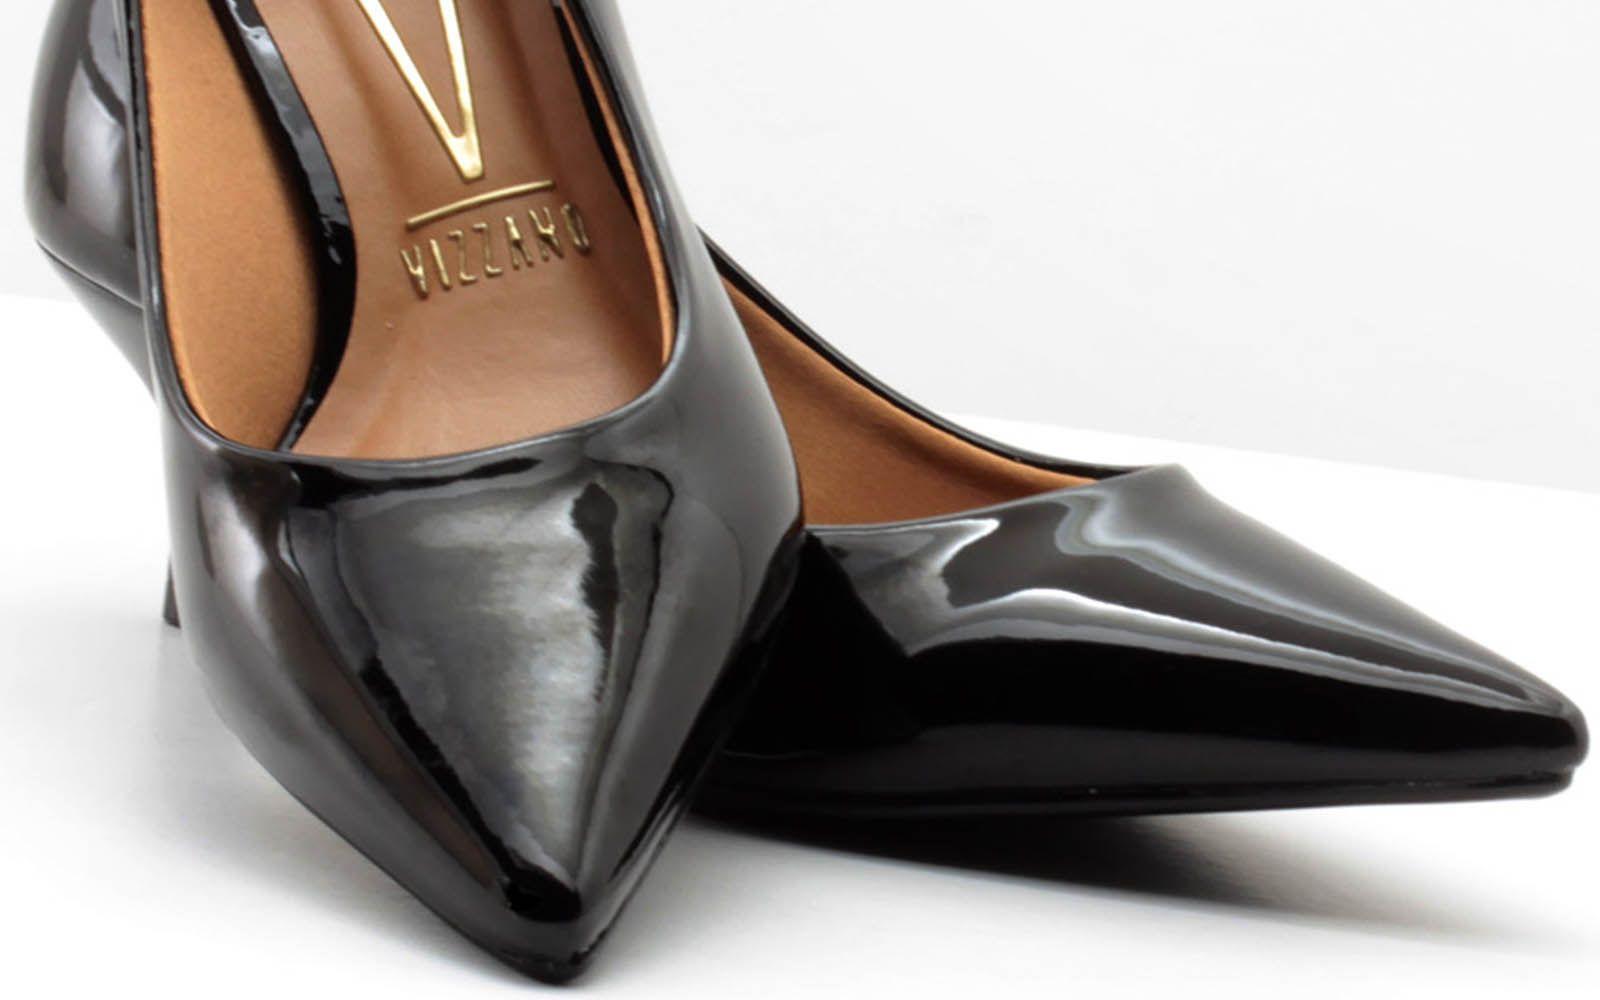 Scarpin Vizzano Sapato Verniz Salto Baixo 1122628  - Ian Calçados